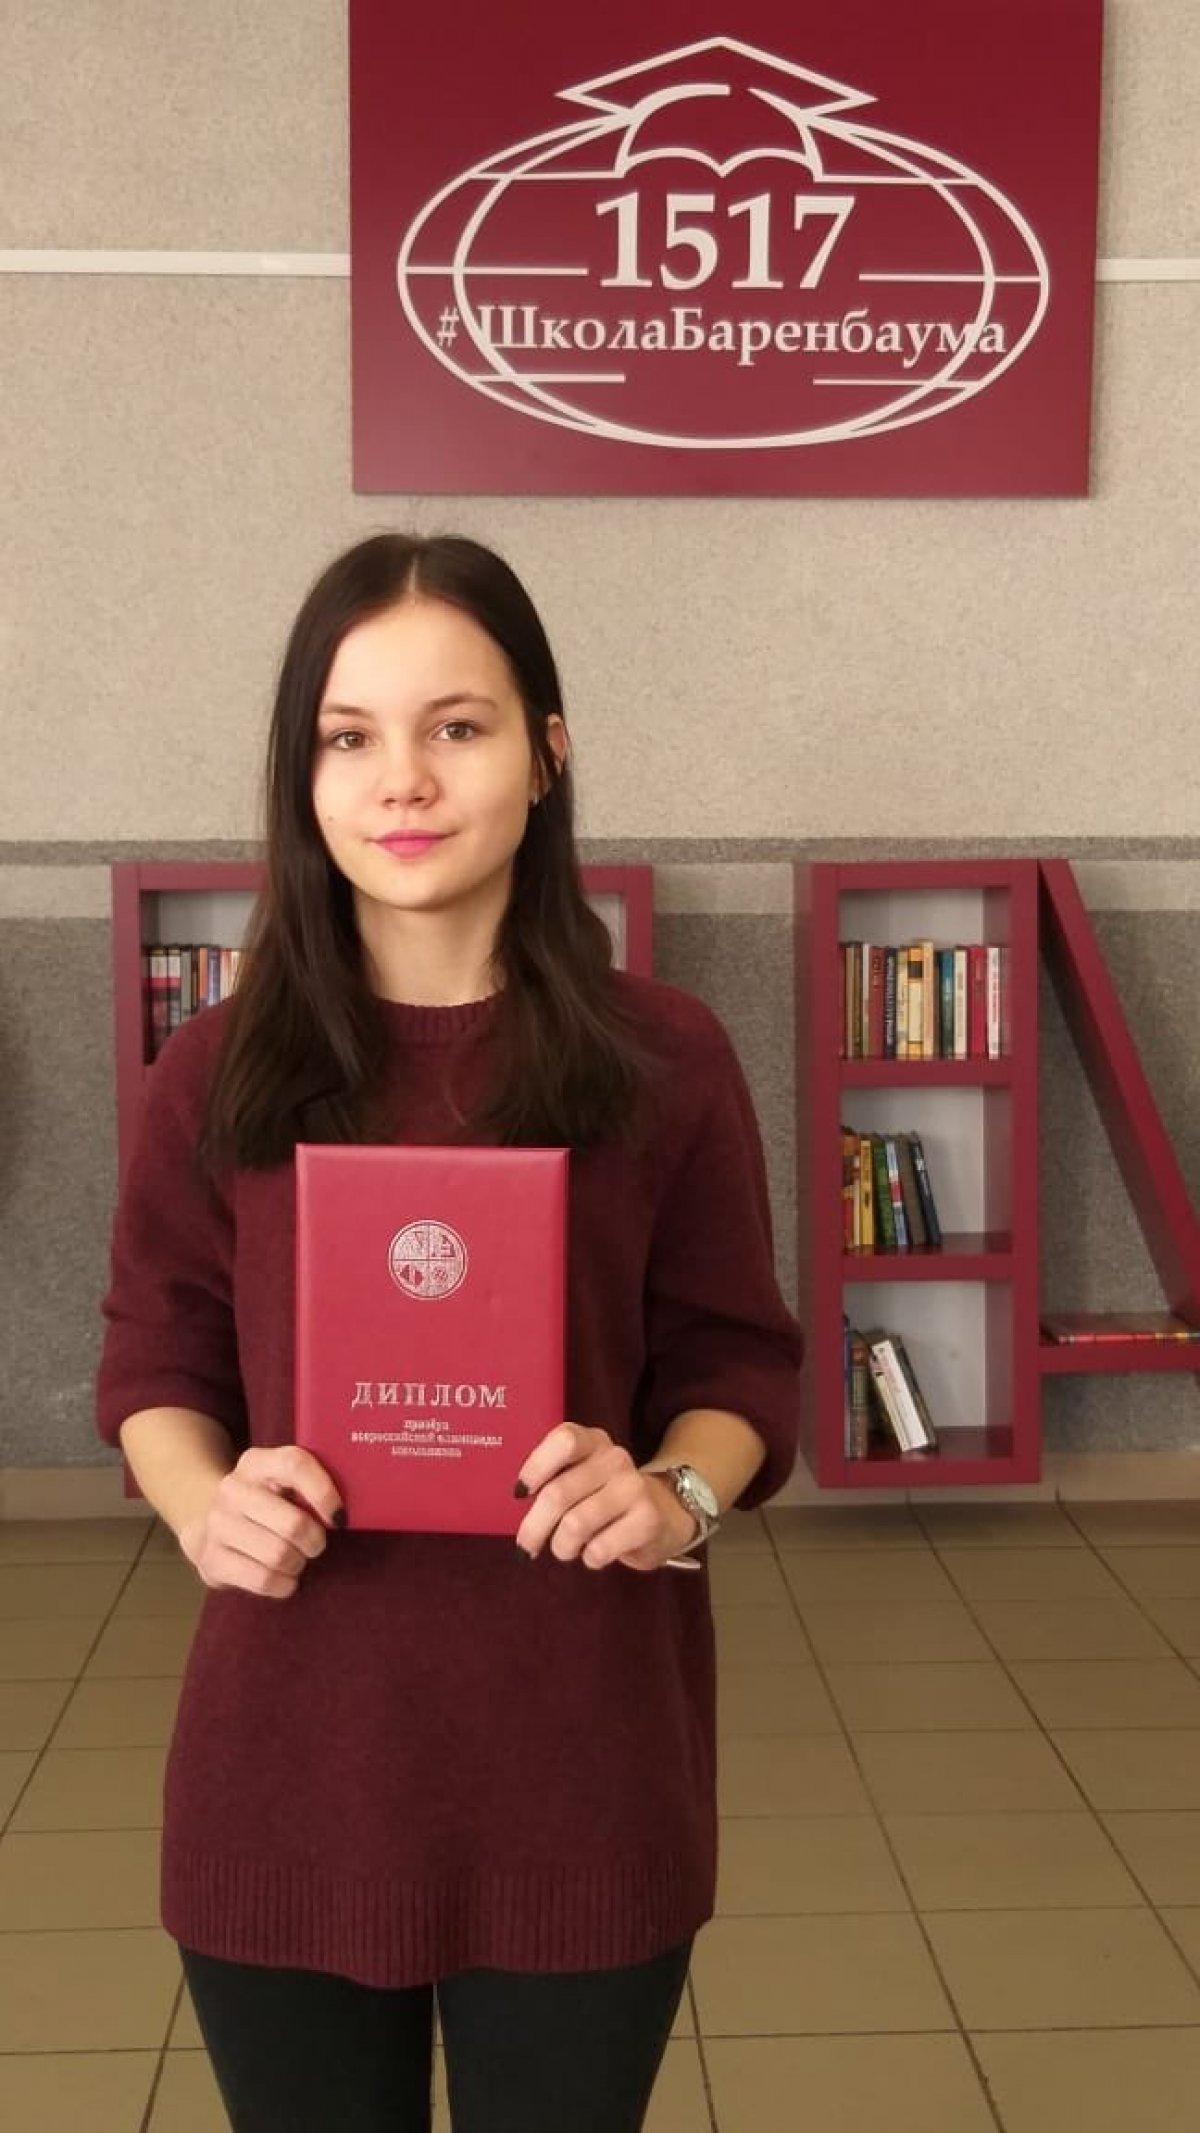 """""""После школы я планирую поступать в РУДН"""", - Анастасия Андрюнина - москвичка, сдавшая ЕГЭ по китайскому на 100 баллов 💯🖊"""